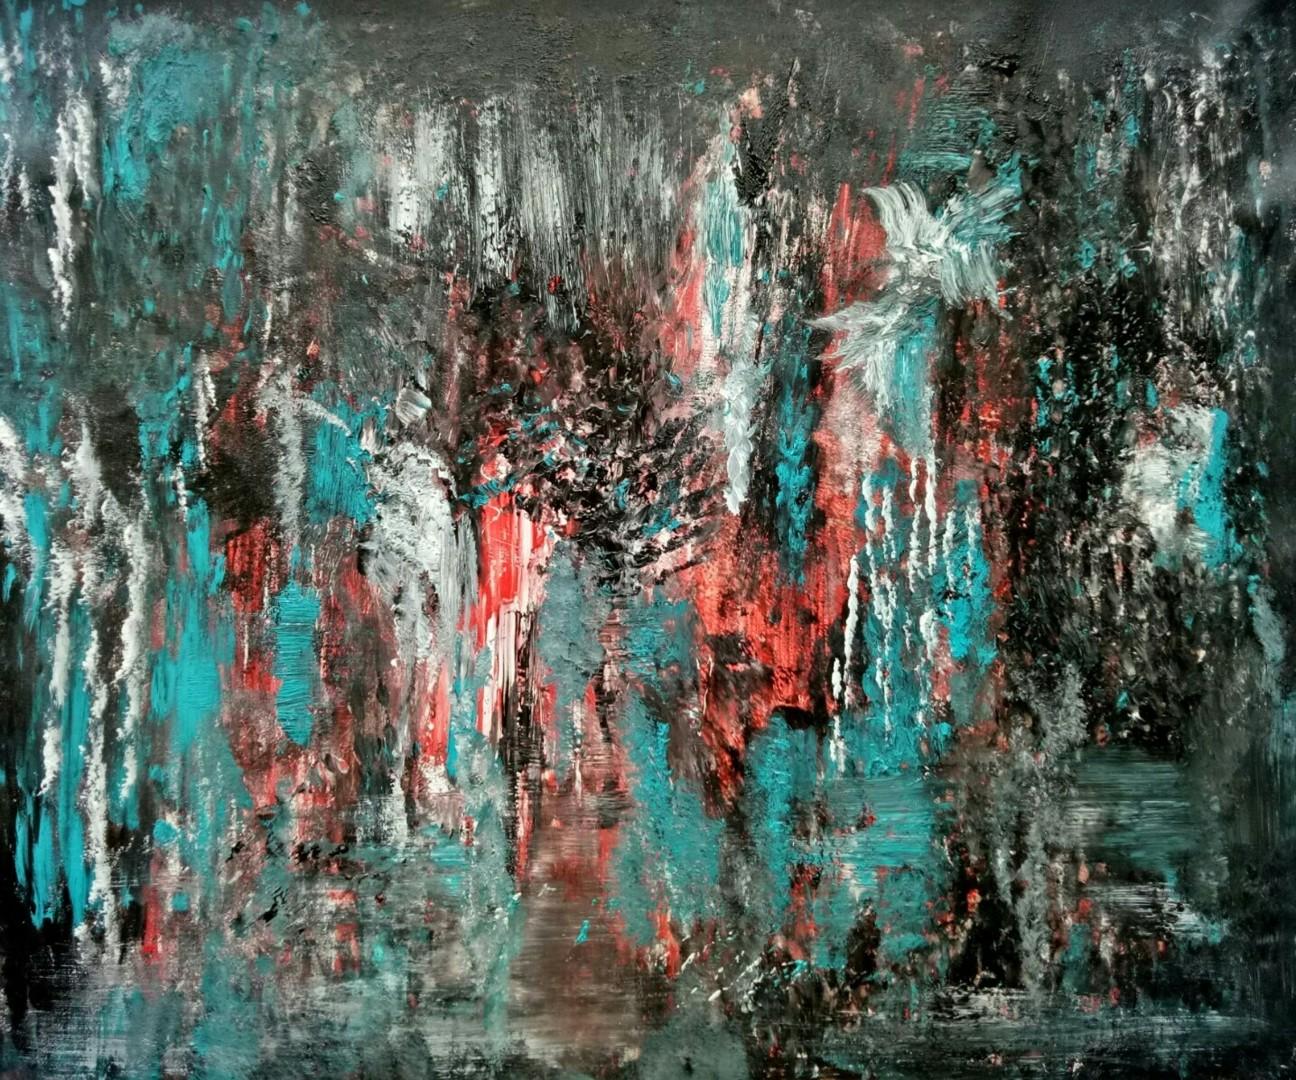 Atignas Art - Existential crises